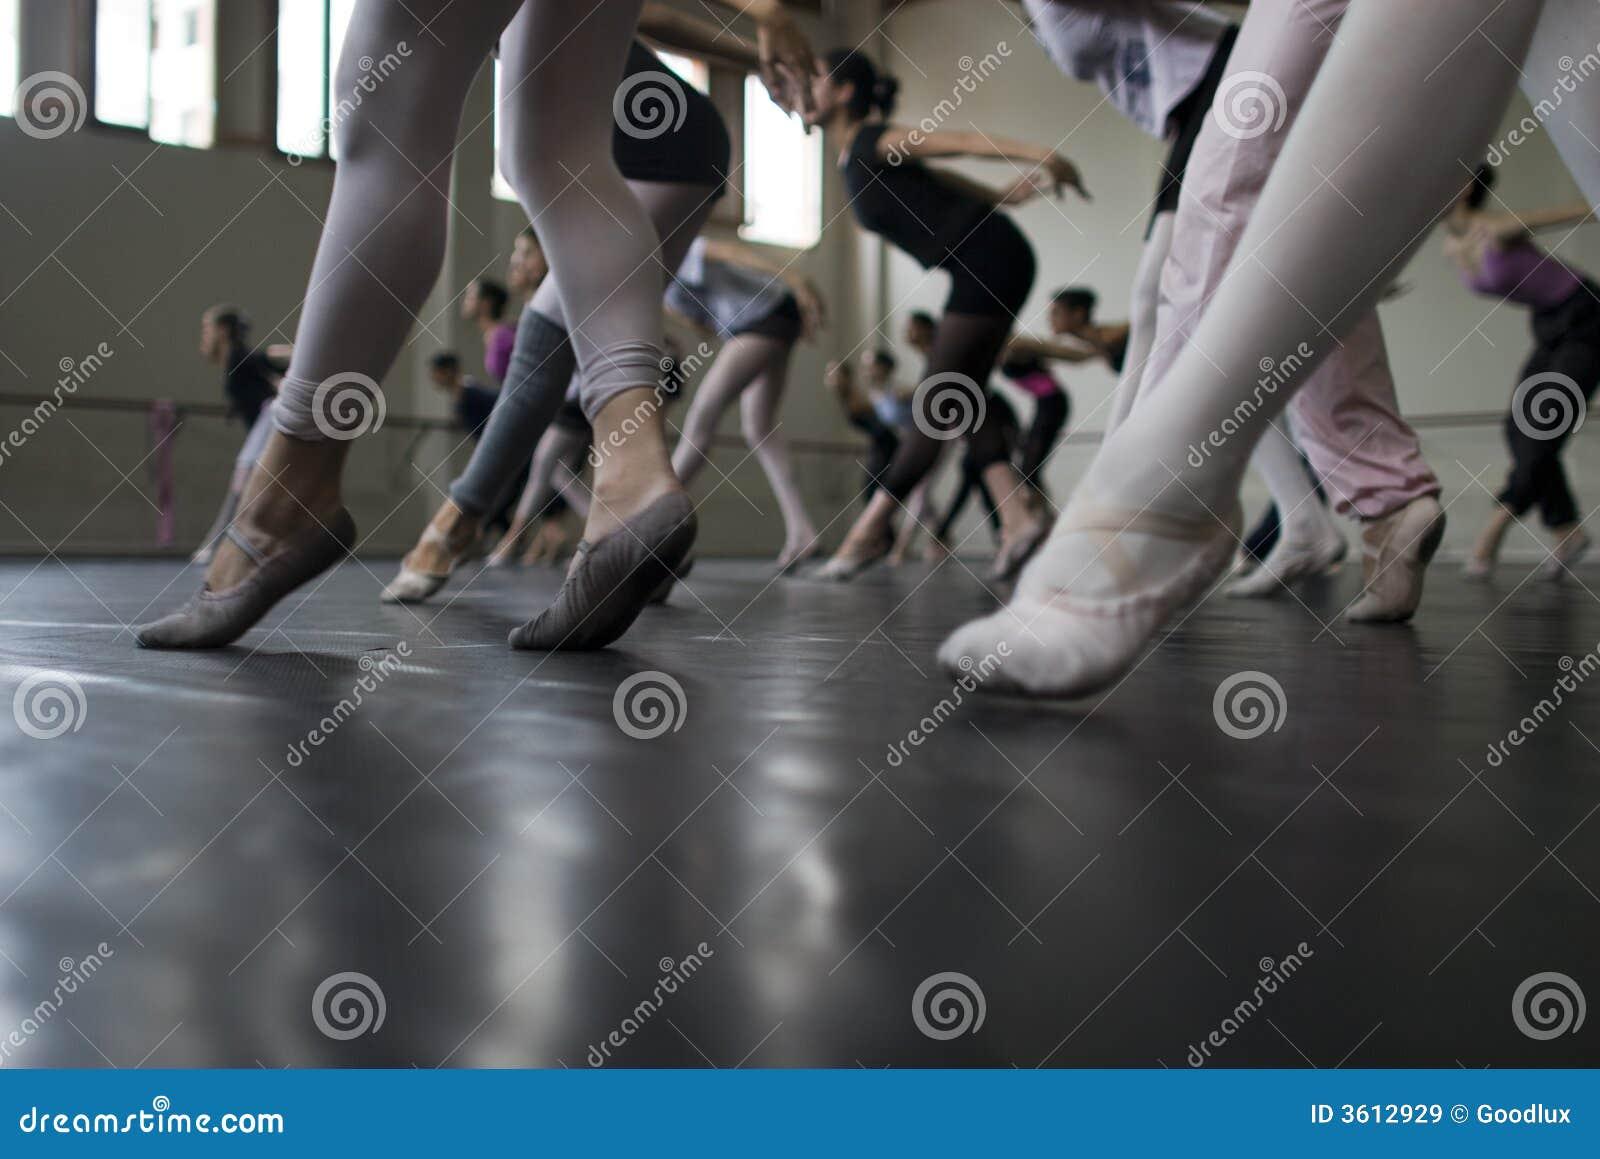 芭蕾舞蹈实践